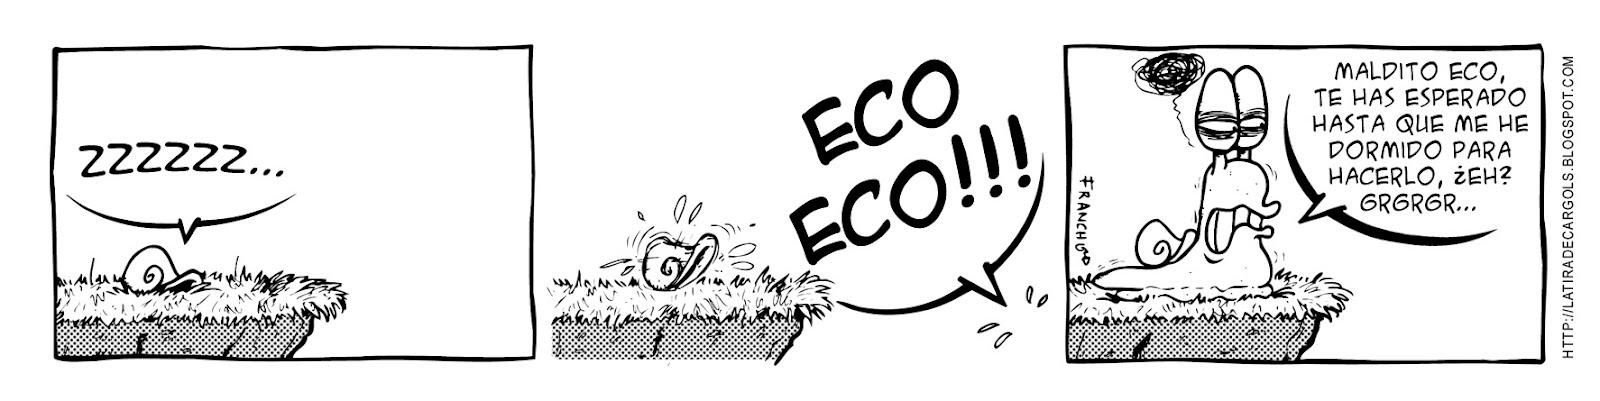 Tira comica 122 del webcomic Cargols del dibujante Franchu